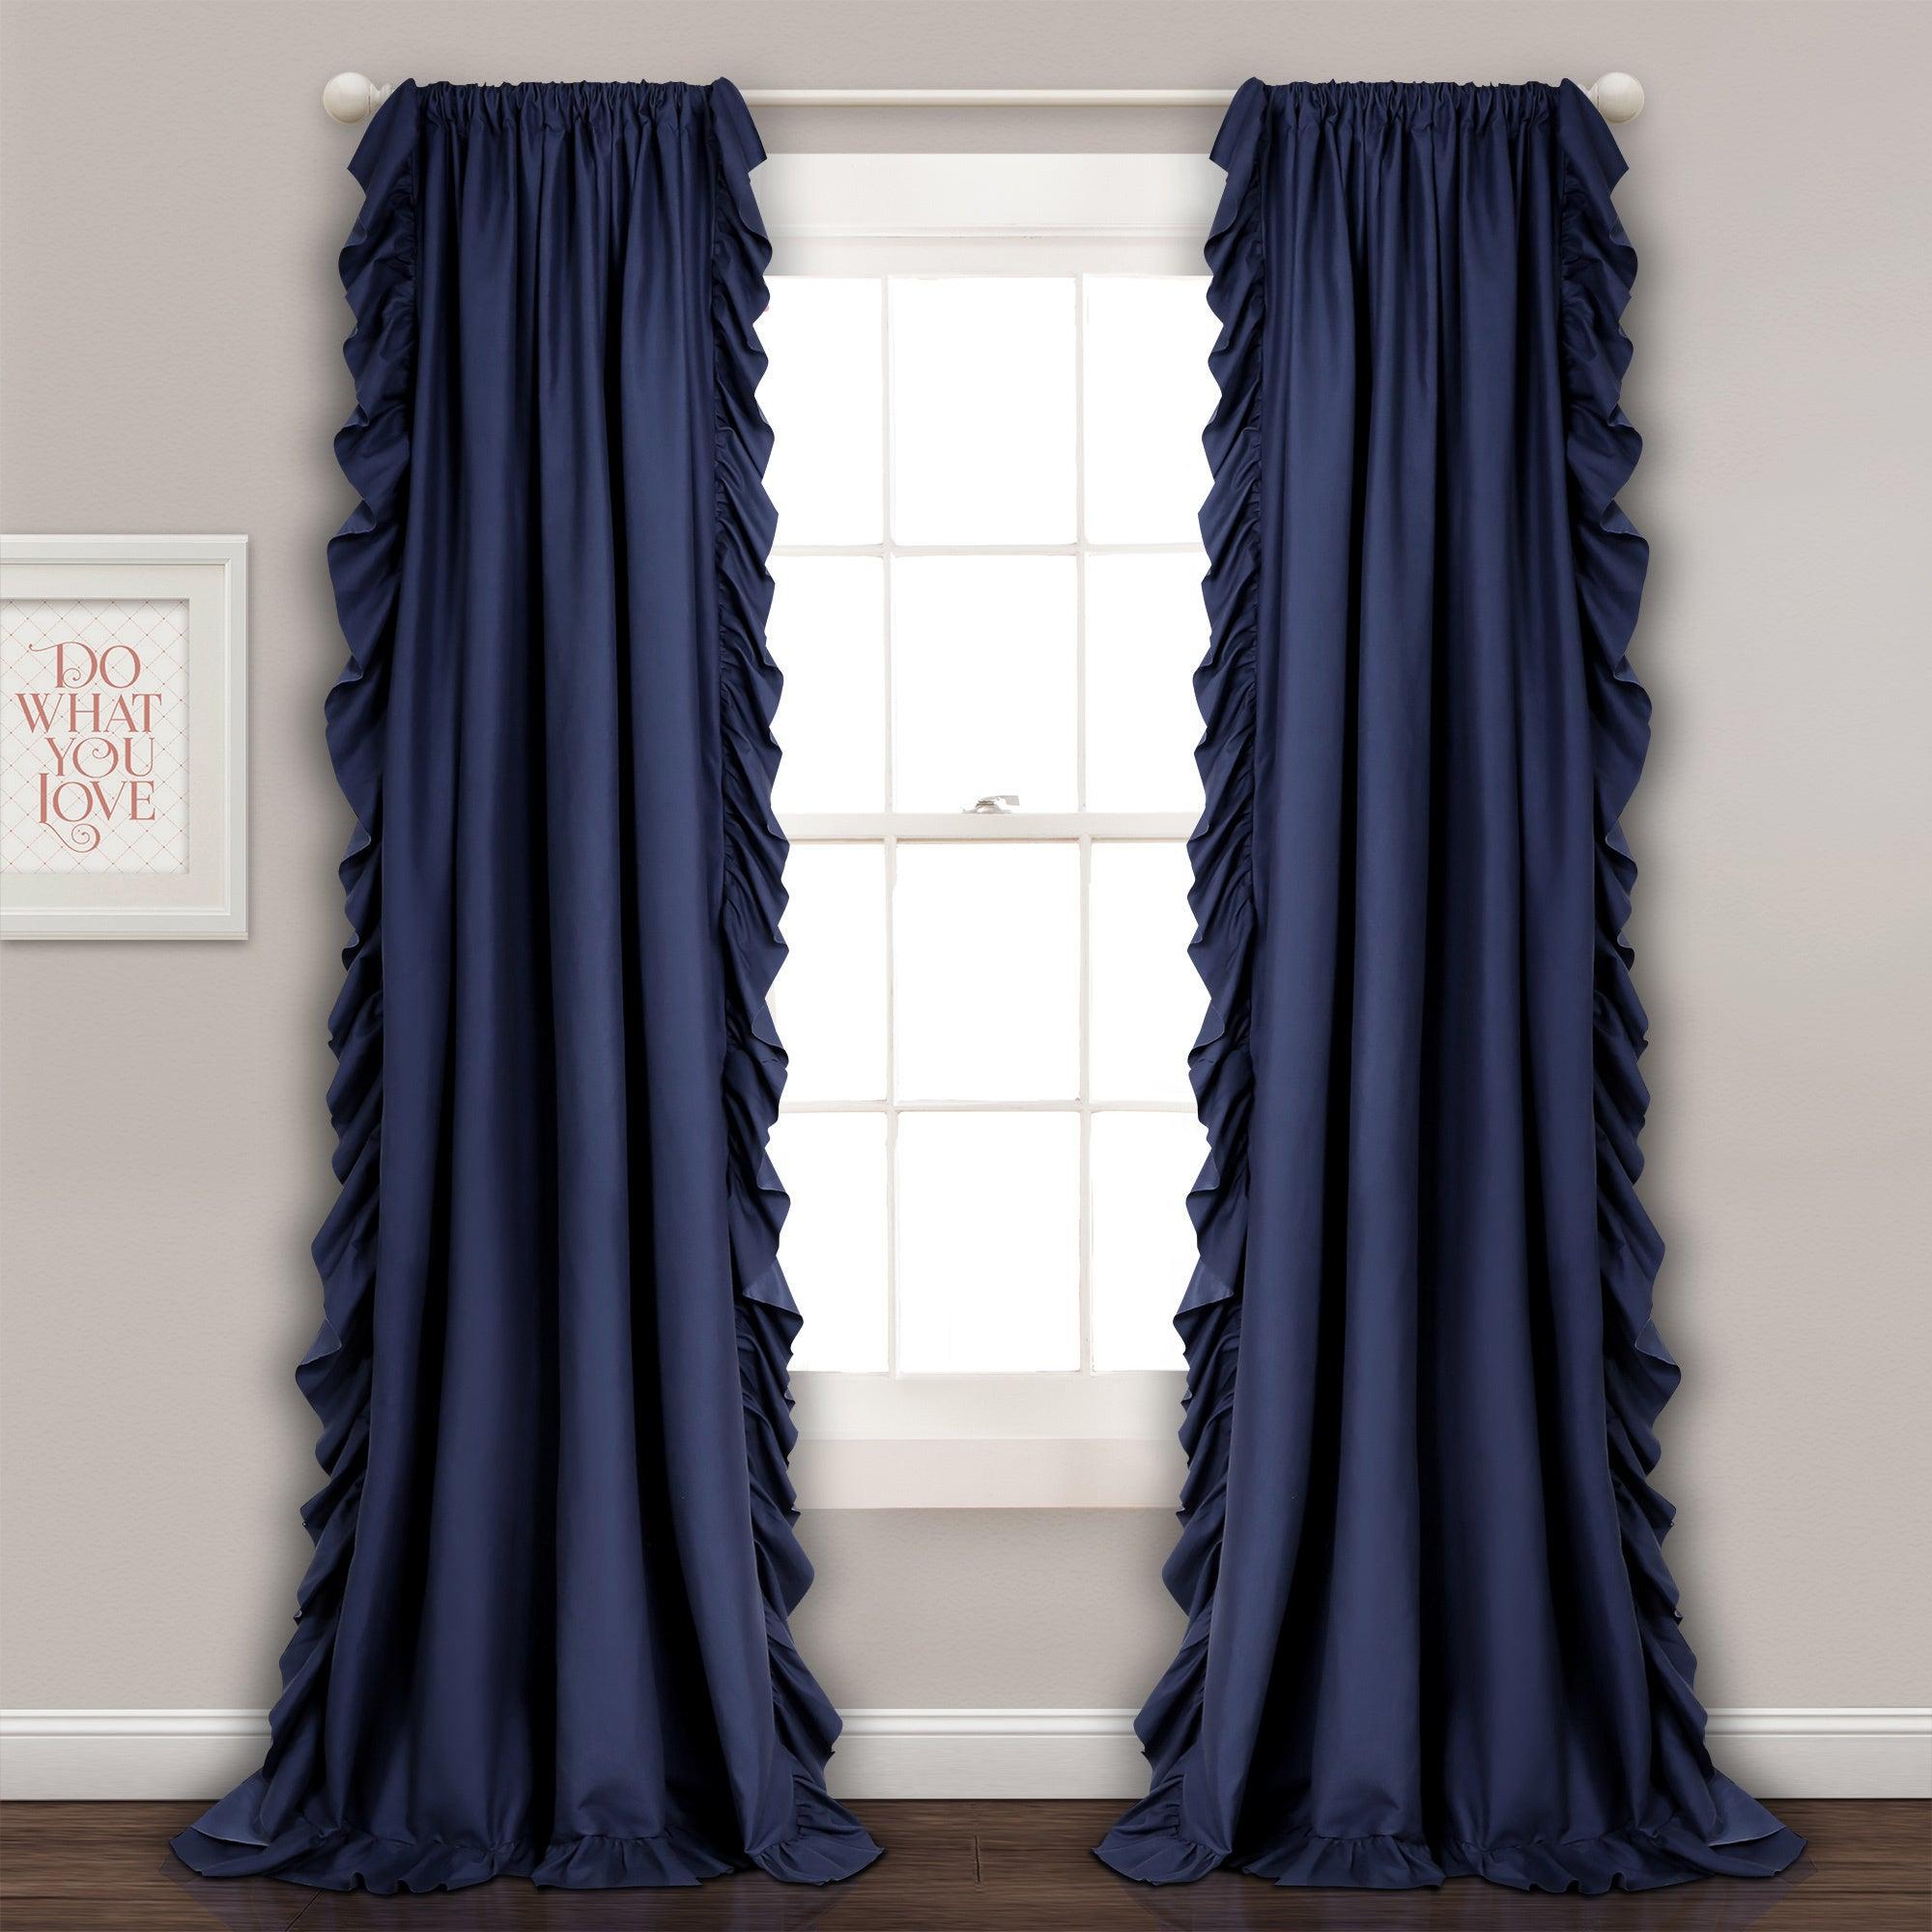 The Gray Barn Gila Curtain Panel Pair Inside The Gray Barn Gila Curtain Panel Pairs (View 6 of 30)